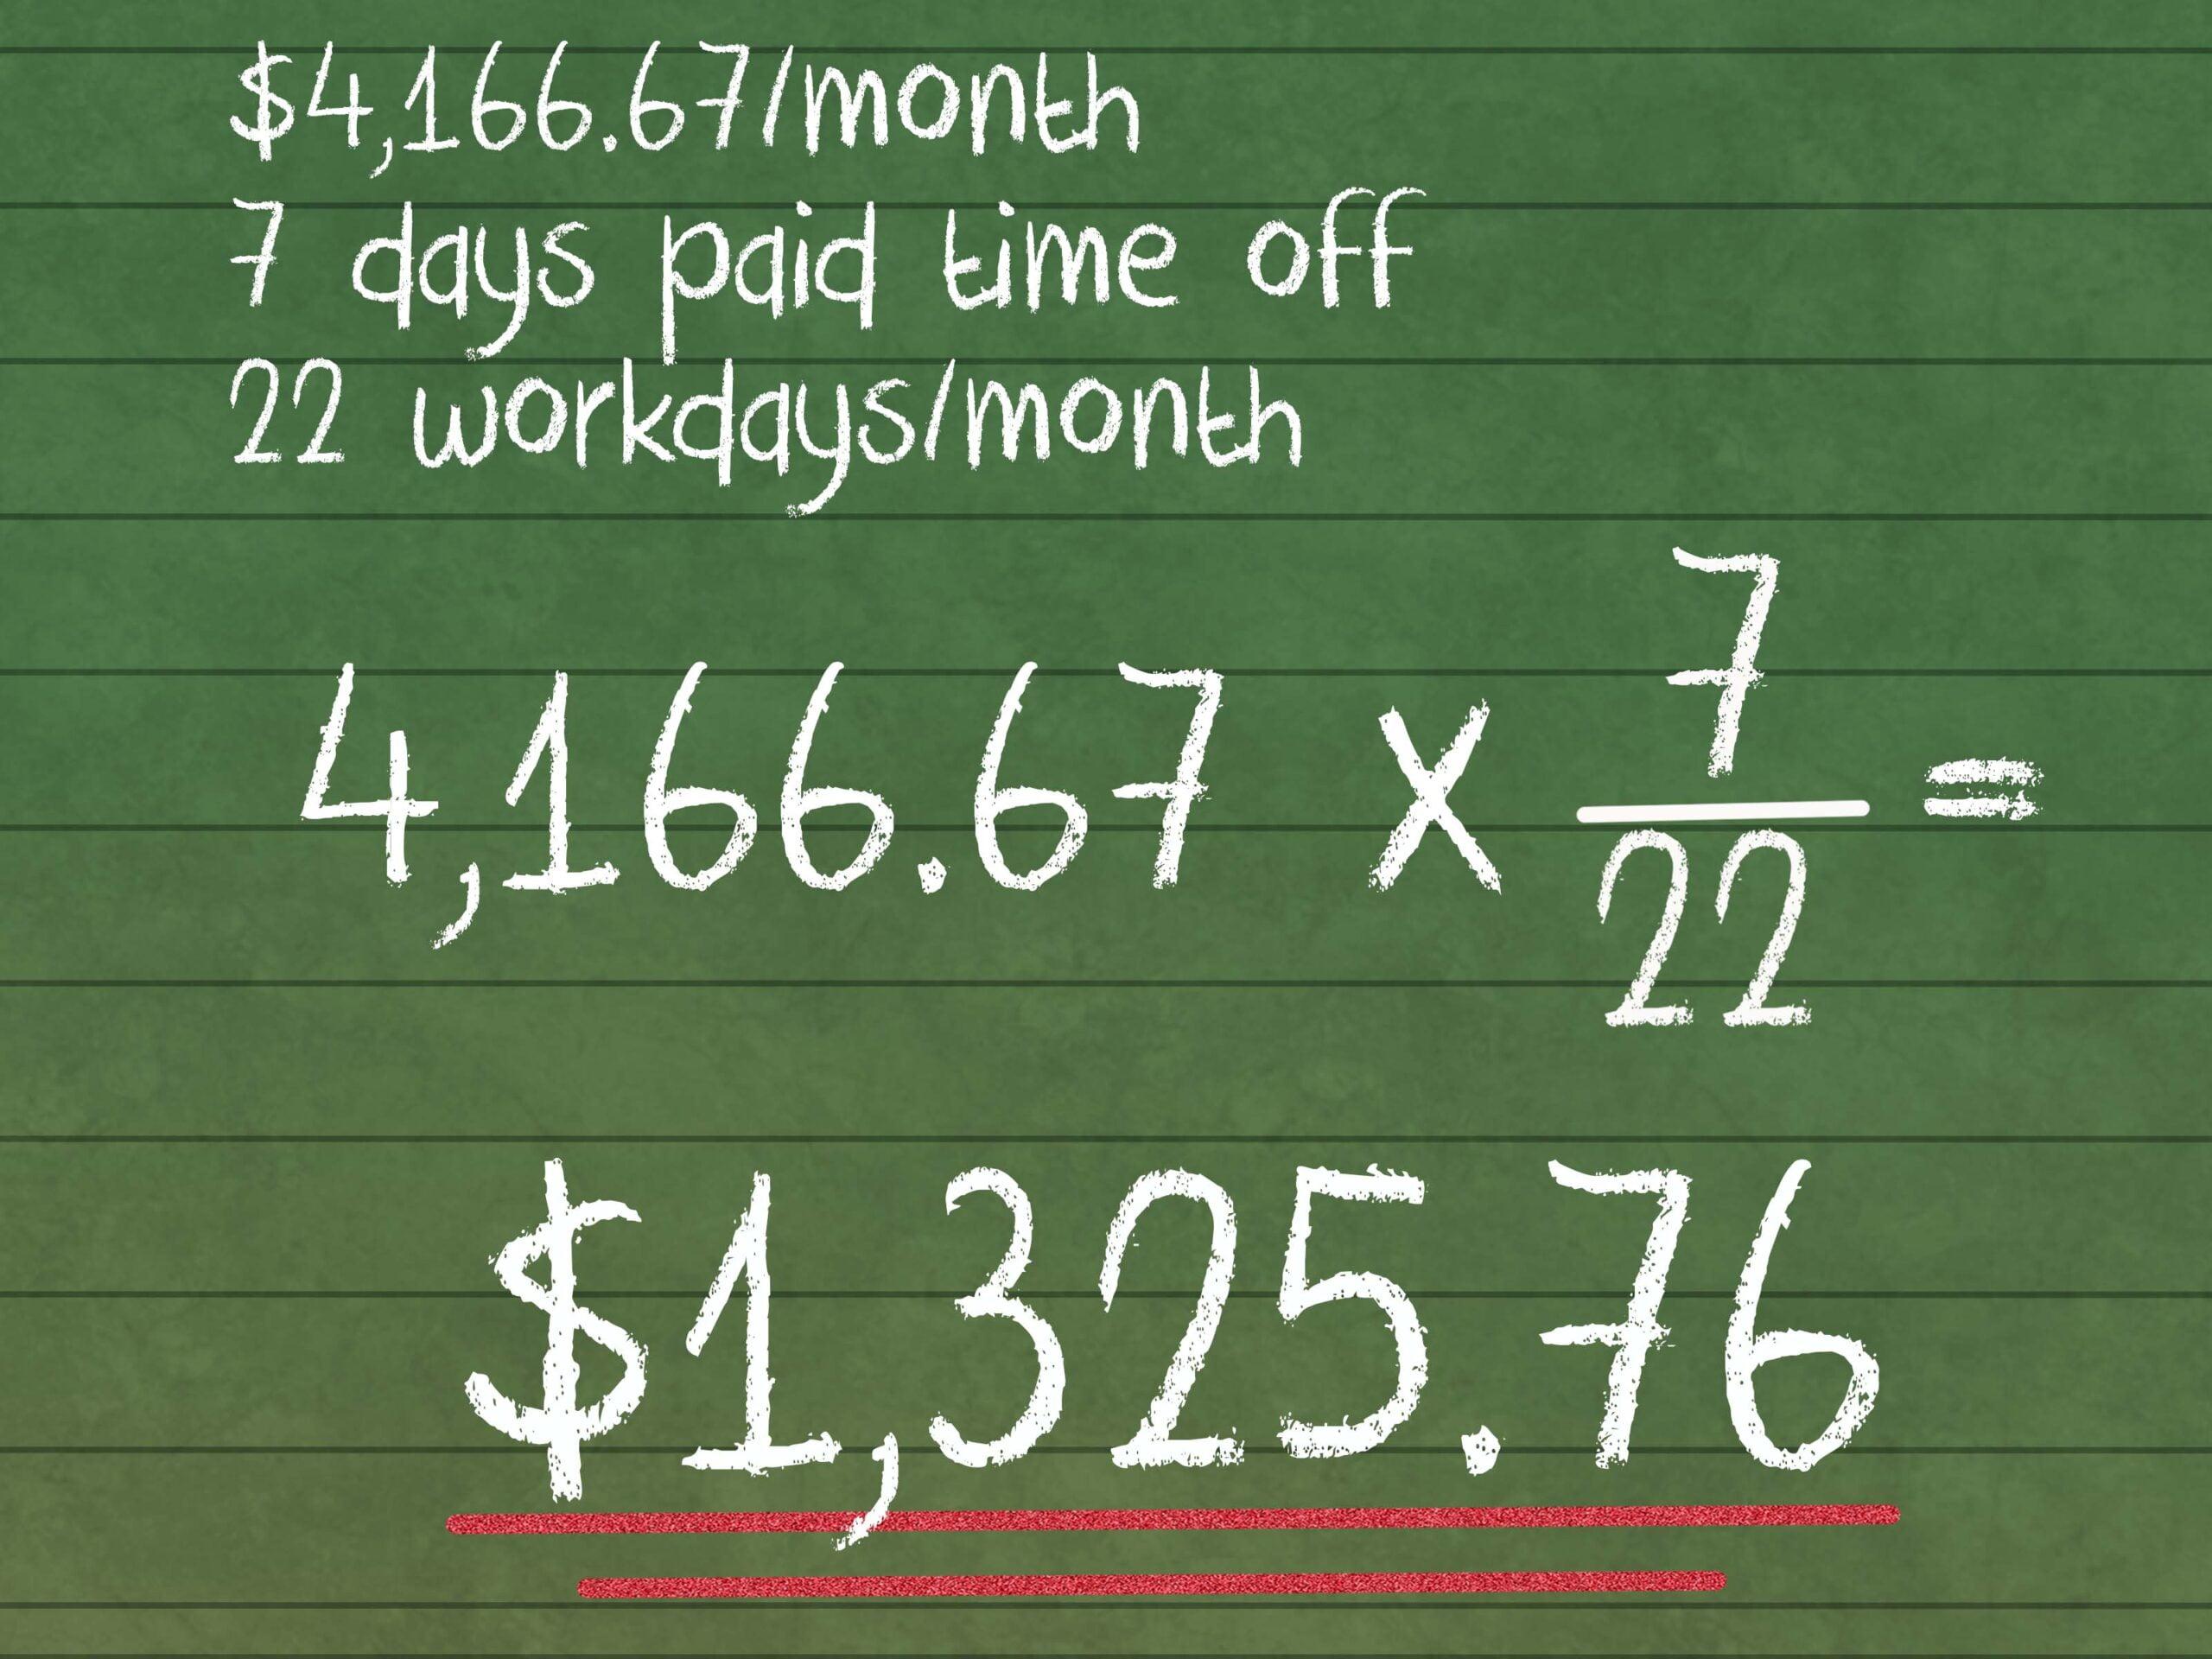 حساب الراتب الاسبوعي والسنوي